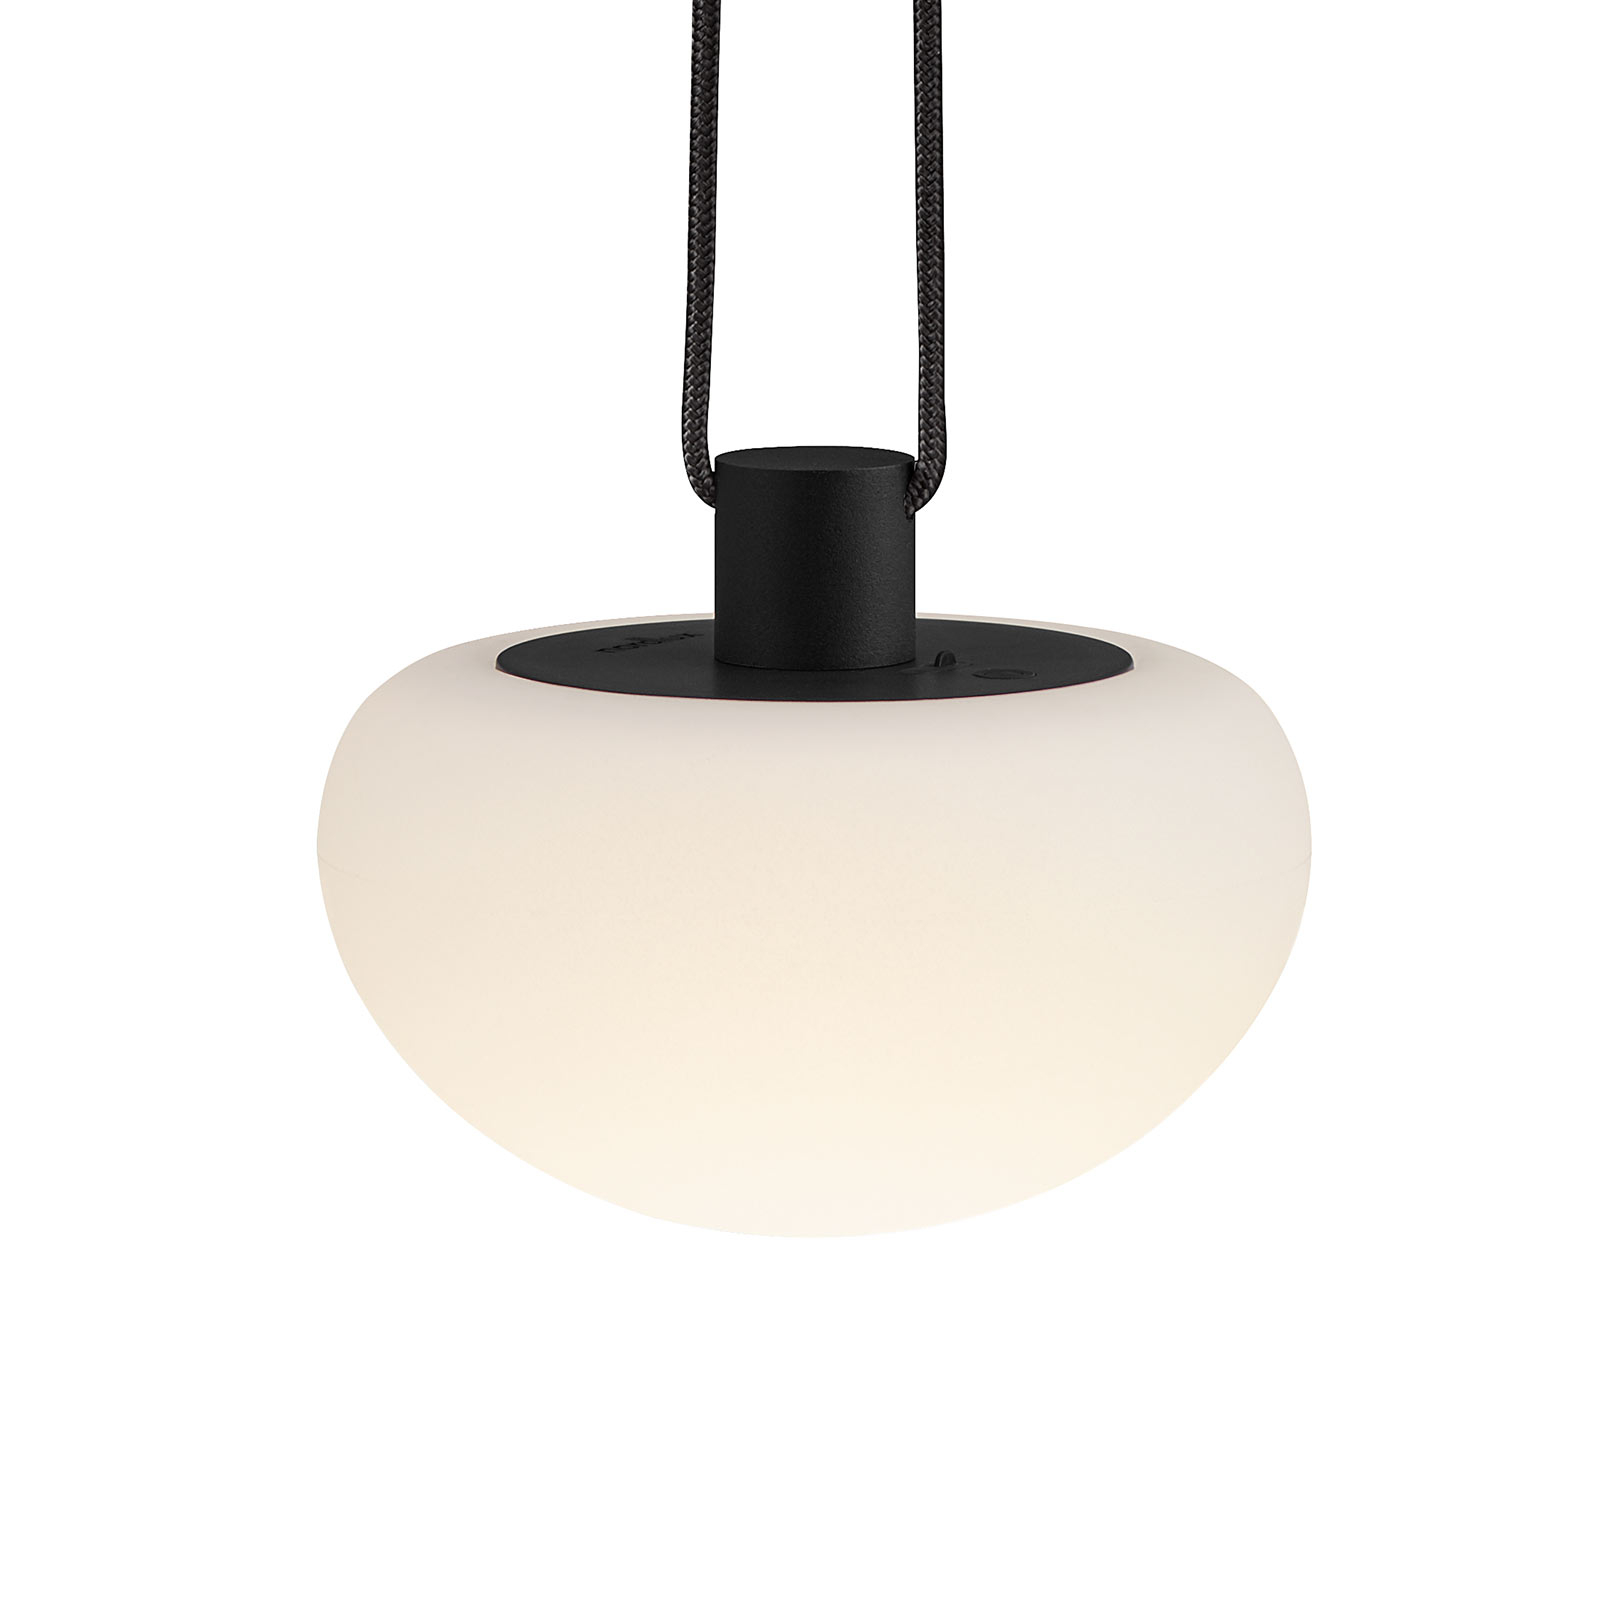 LED-dekorasjonsbelysning Sponge pendant med batt.